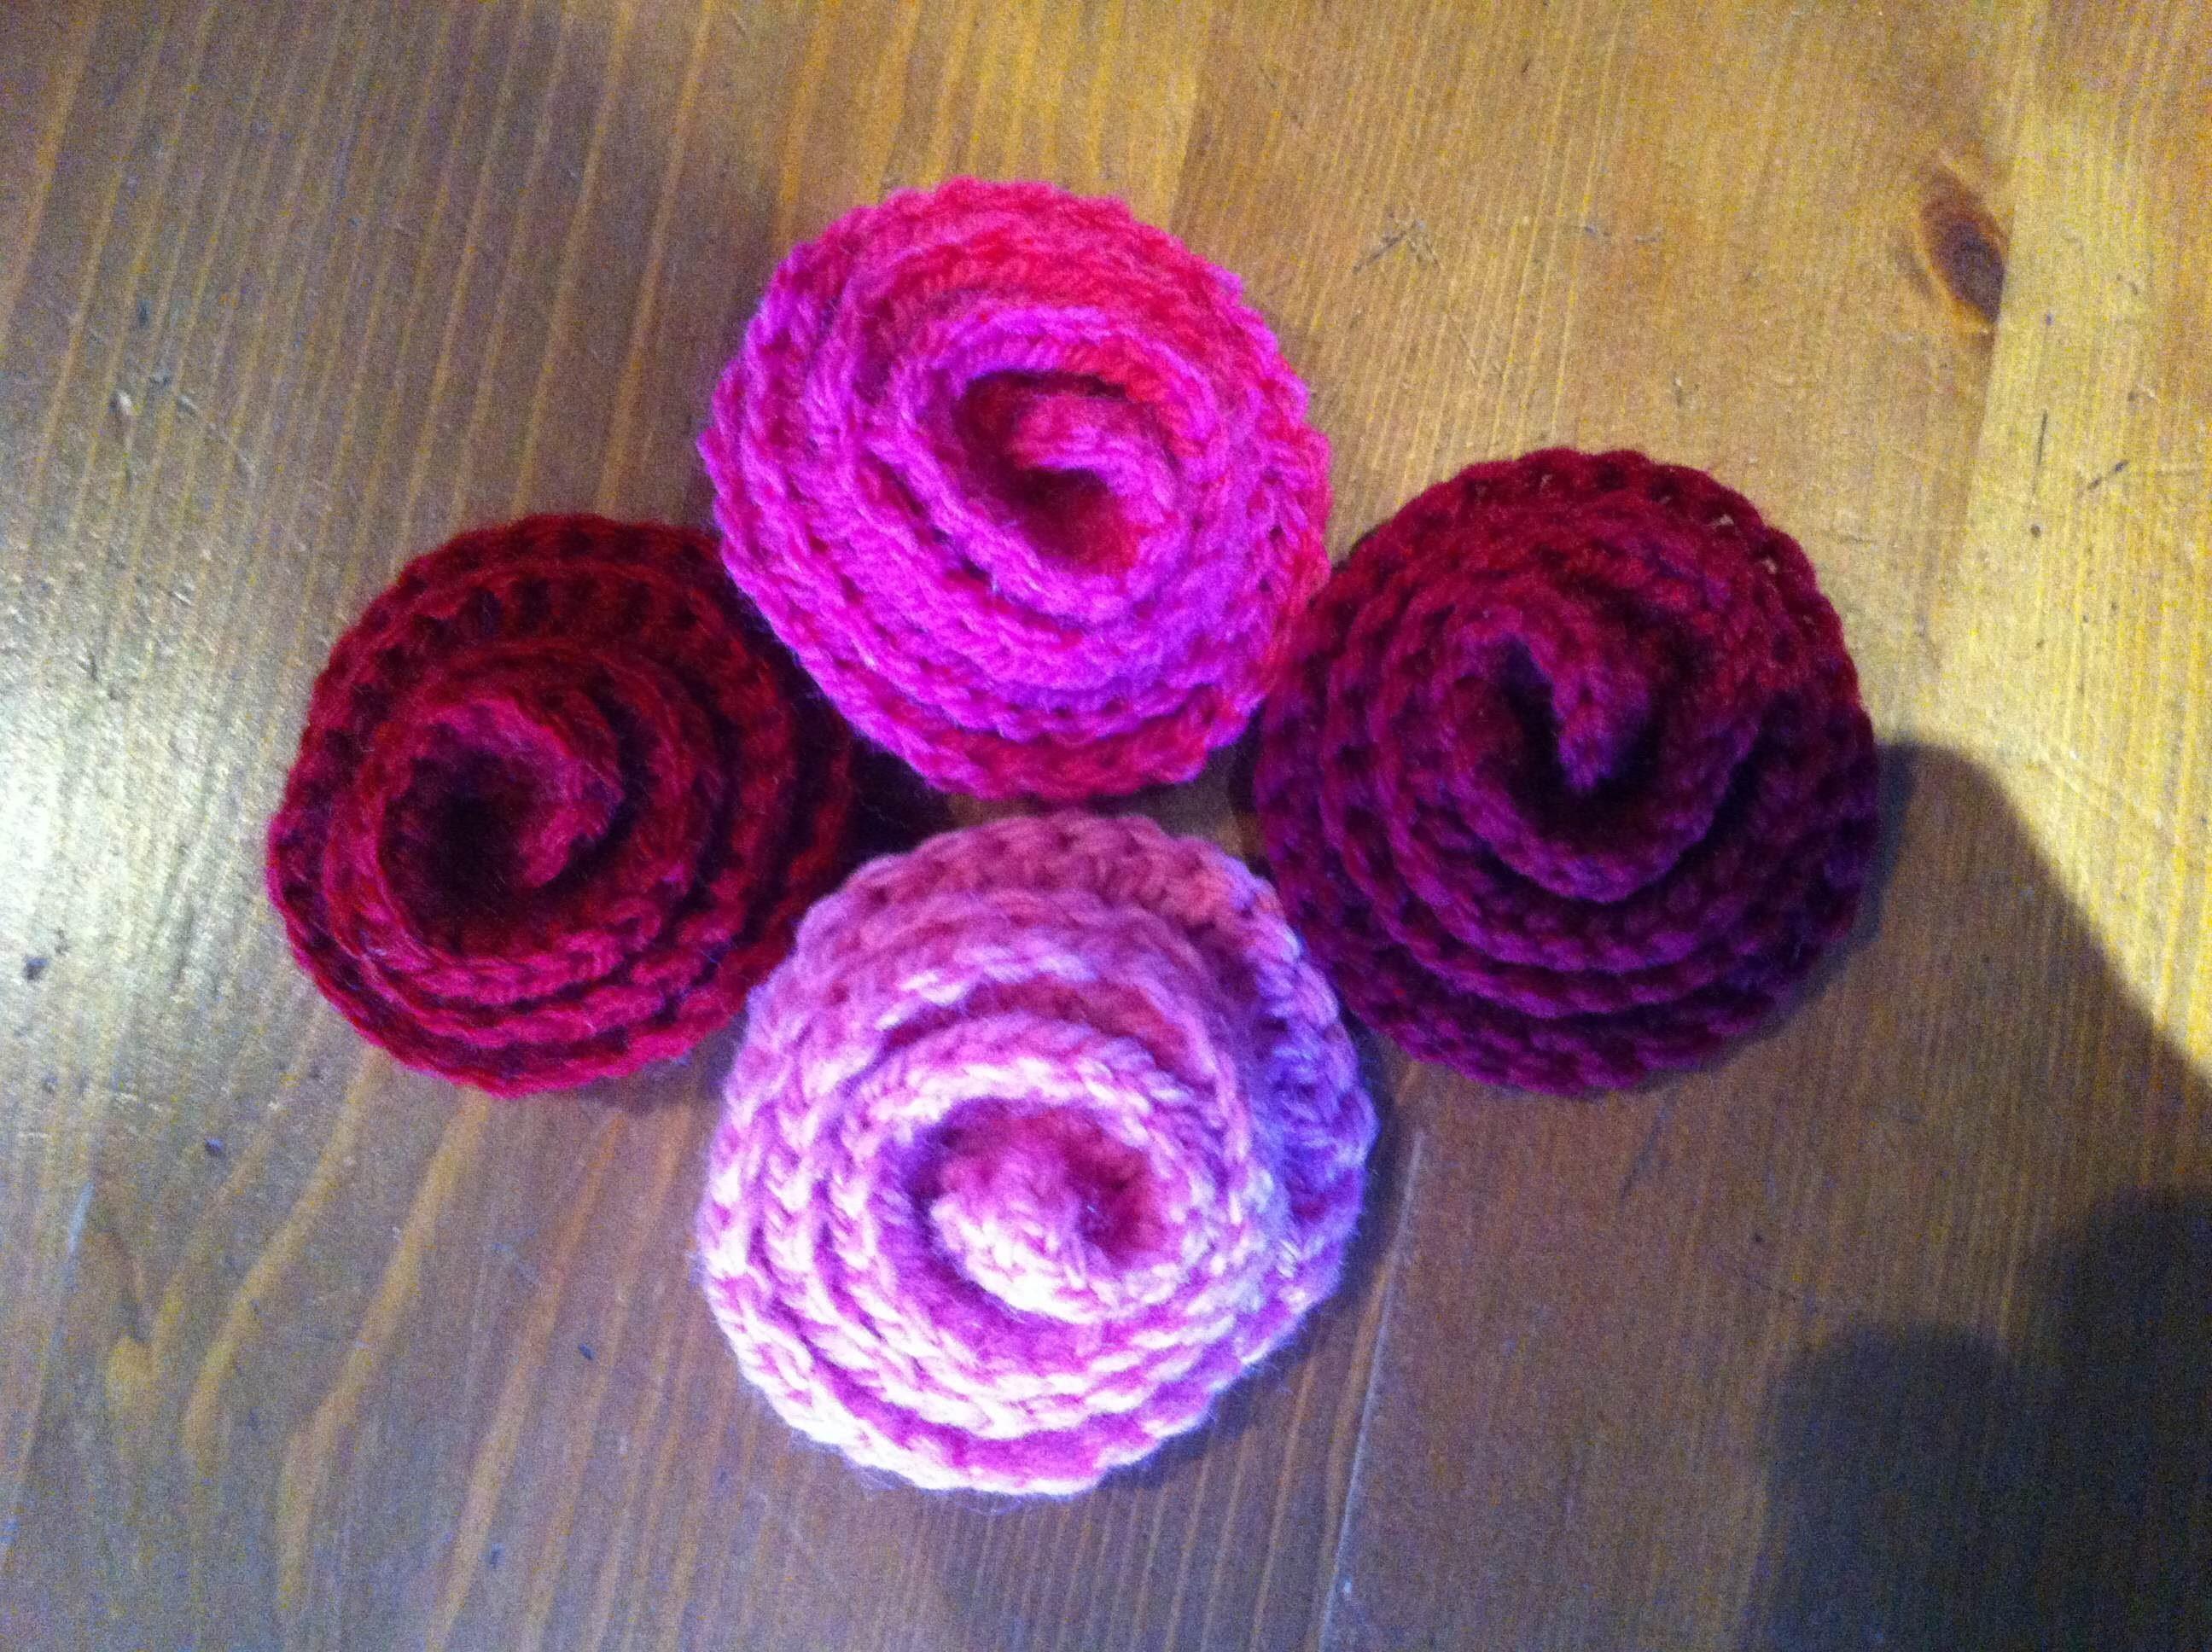 Tutoriel crochet : des petites fleurs faciles à faire pour la Saint Valentin